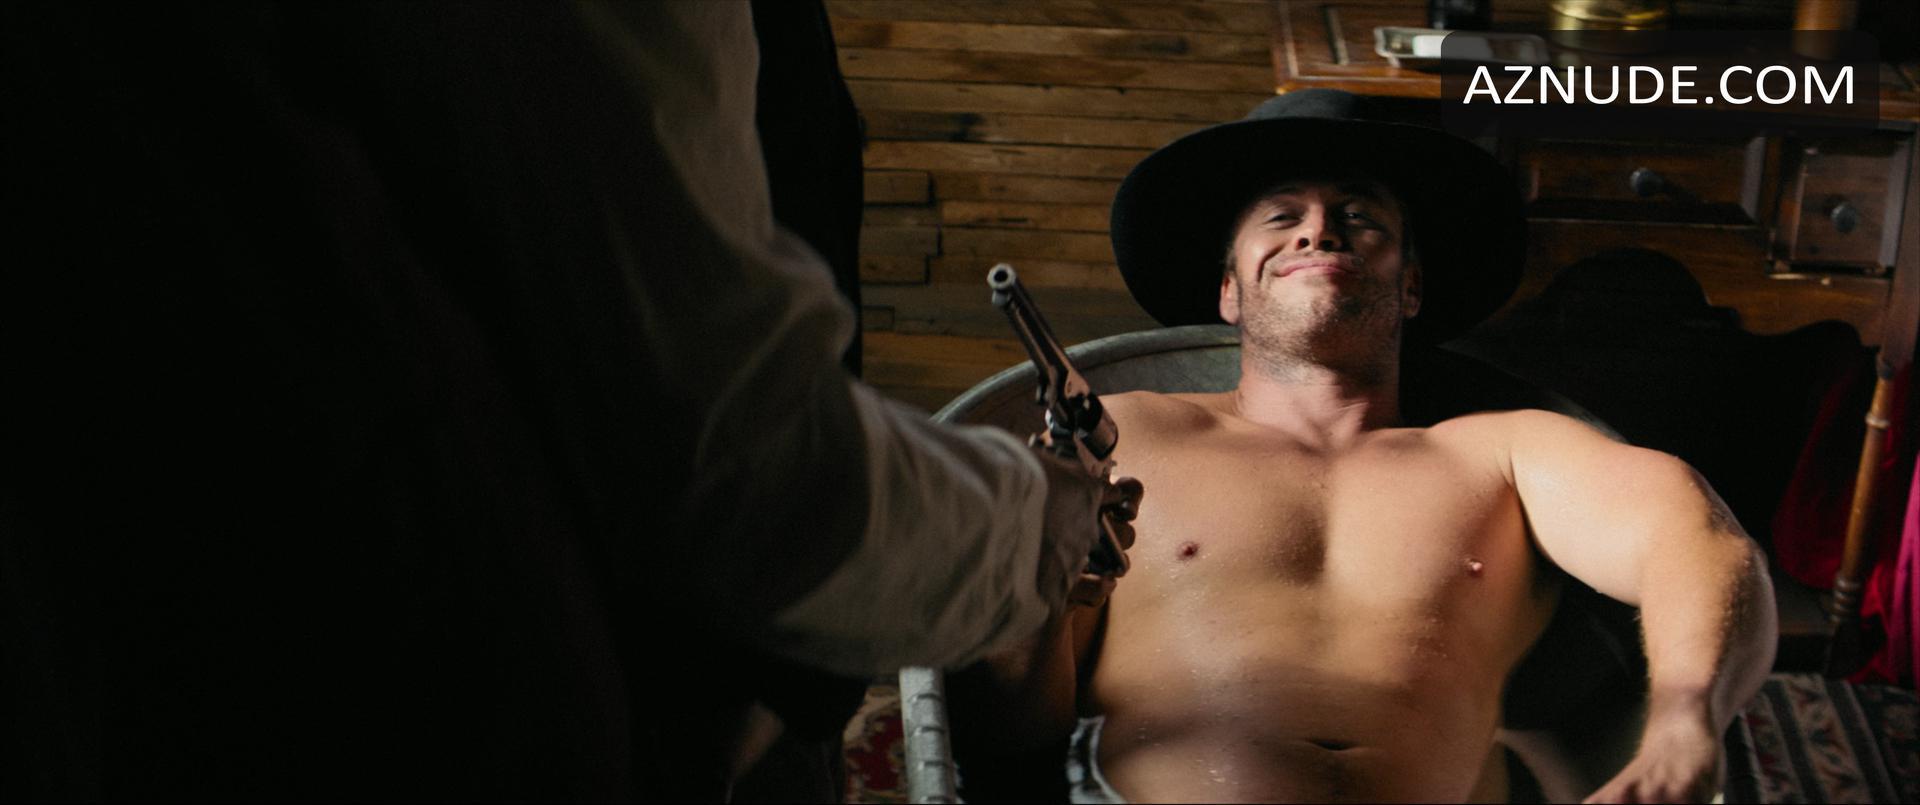 Liam Hemsworth Penis